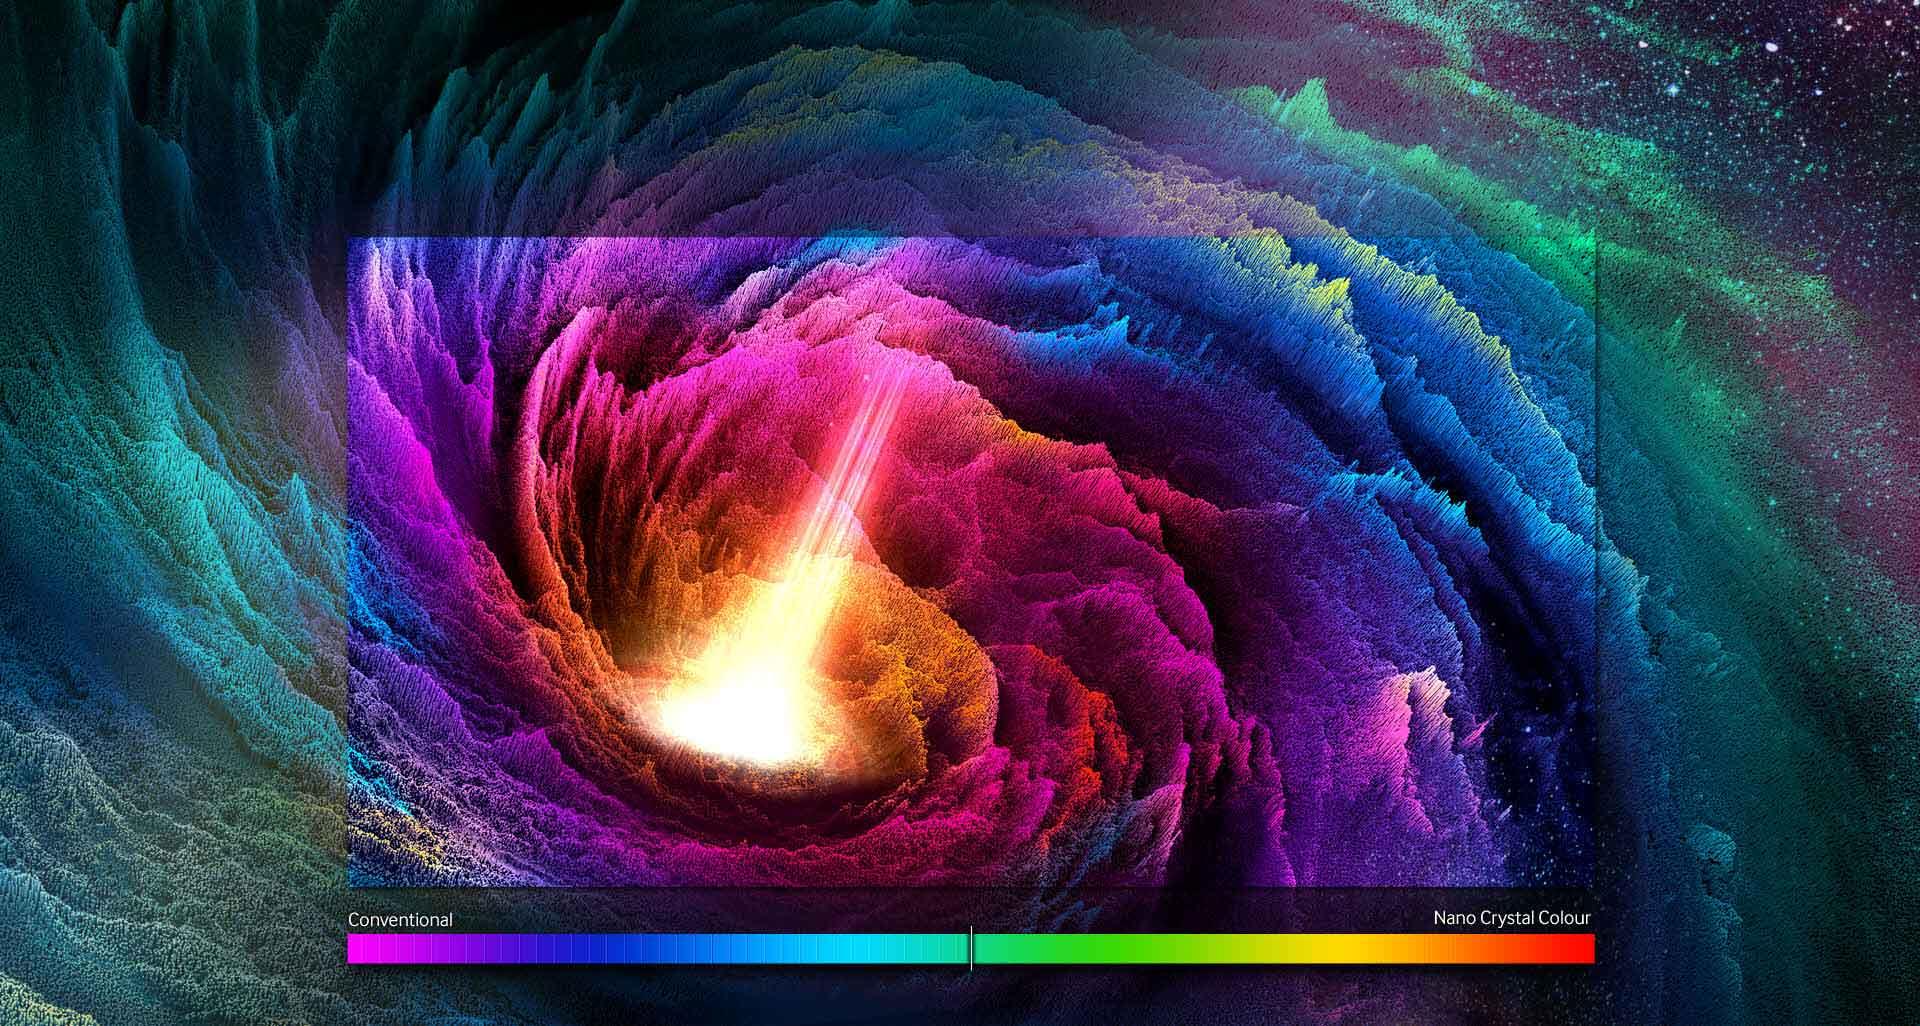 تلویزیون ال ای دی منحنی سری 10 نانو کریستال اسمارت سامسونگ